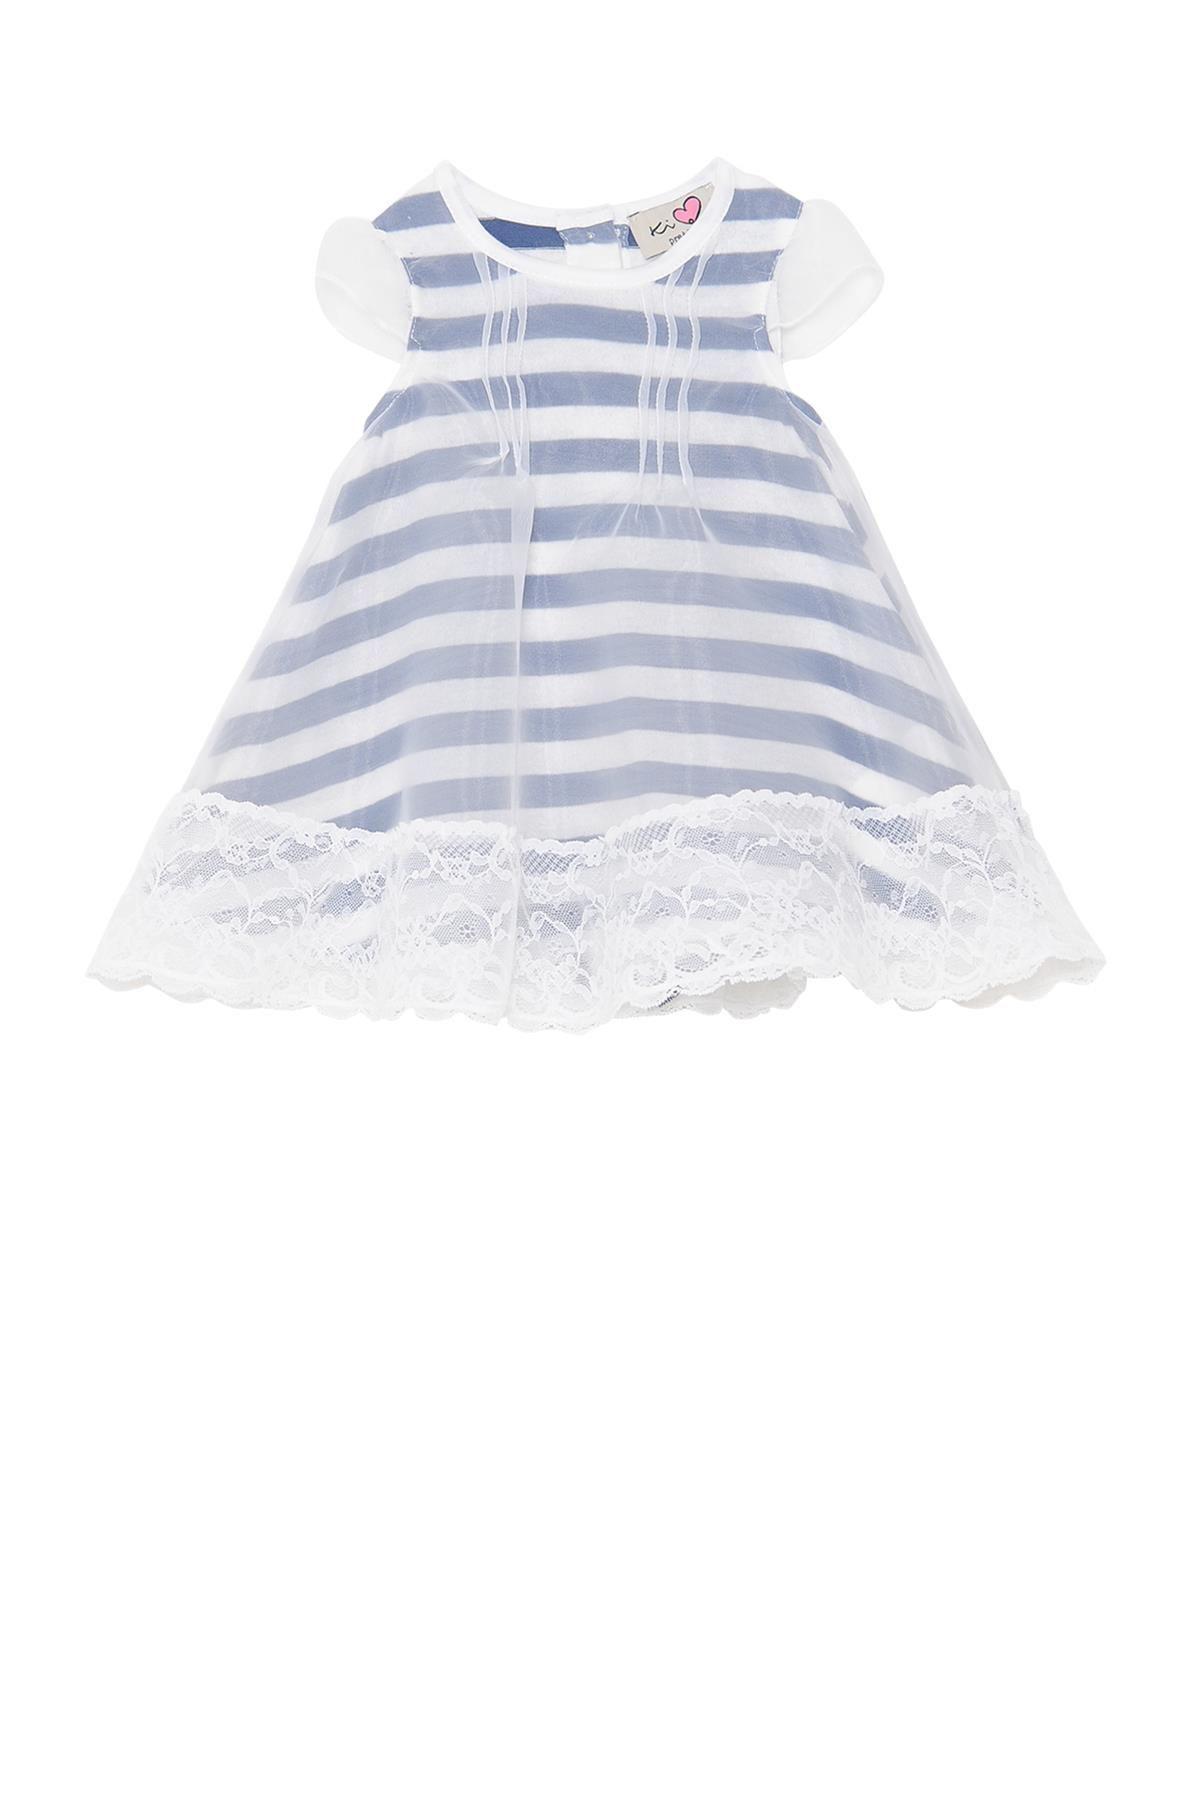 Dress Ki6, Clothing little girl, KidSpace